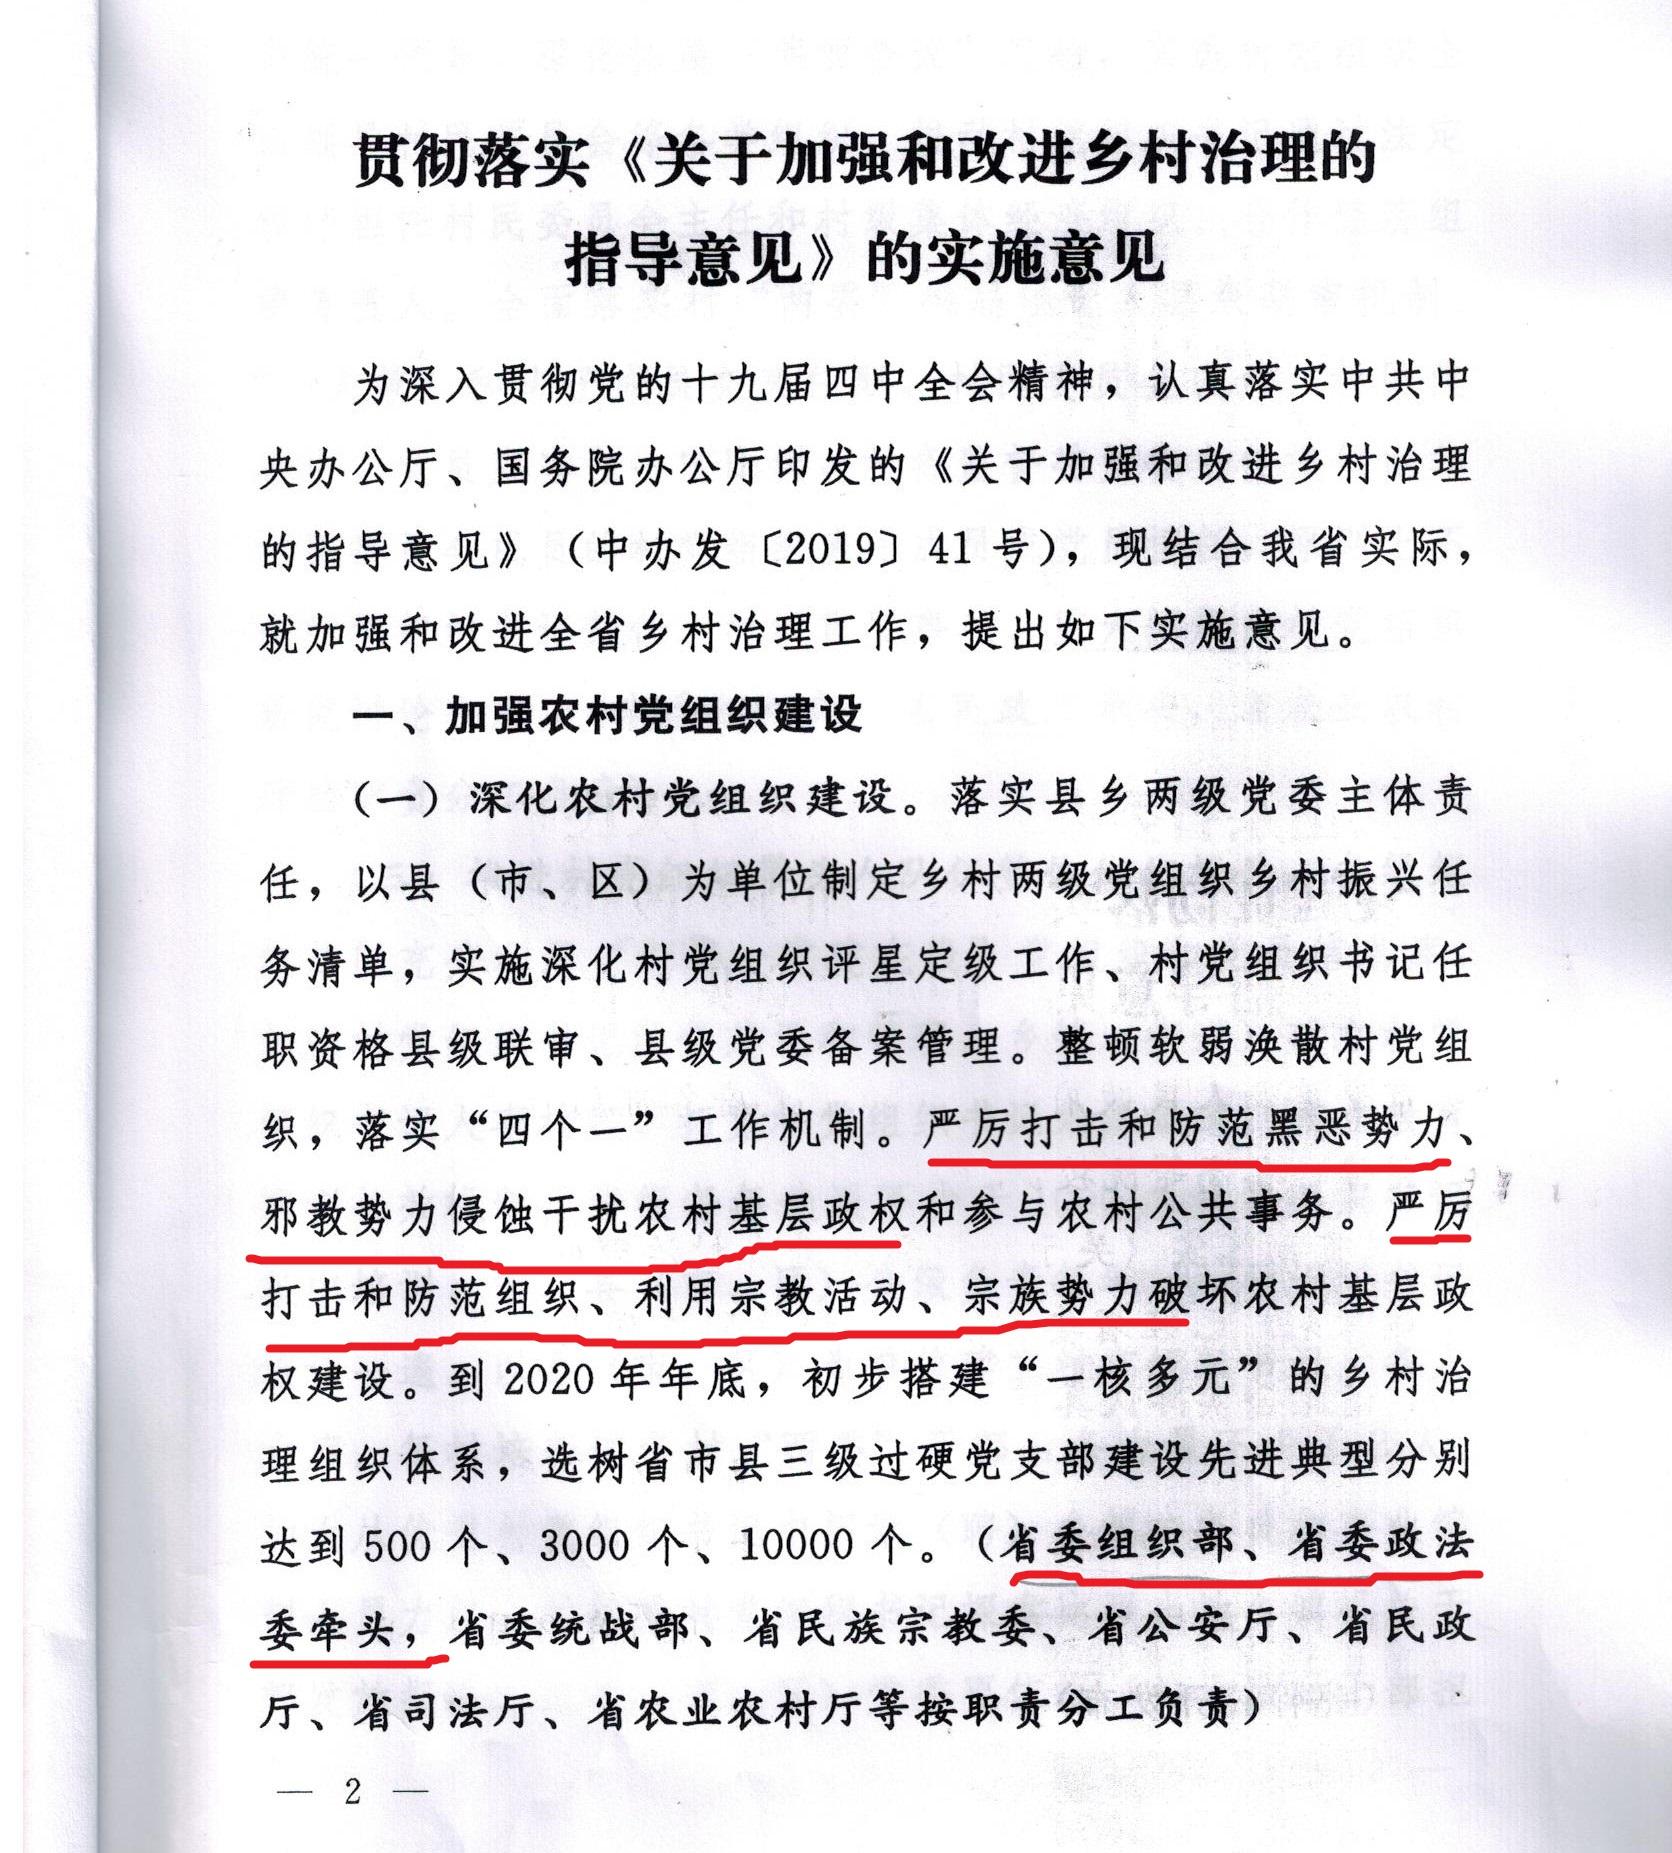 山東省委辦公廳2月17日下發的文件顯示,中共仍在迫害法輪功。(知情者提供/大紀元)